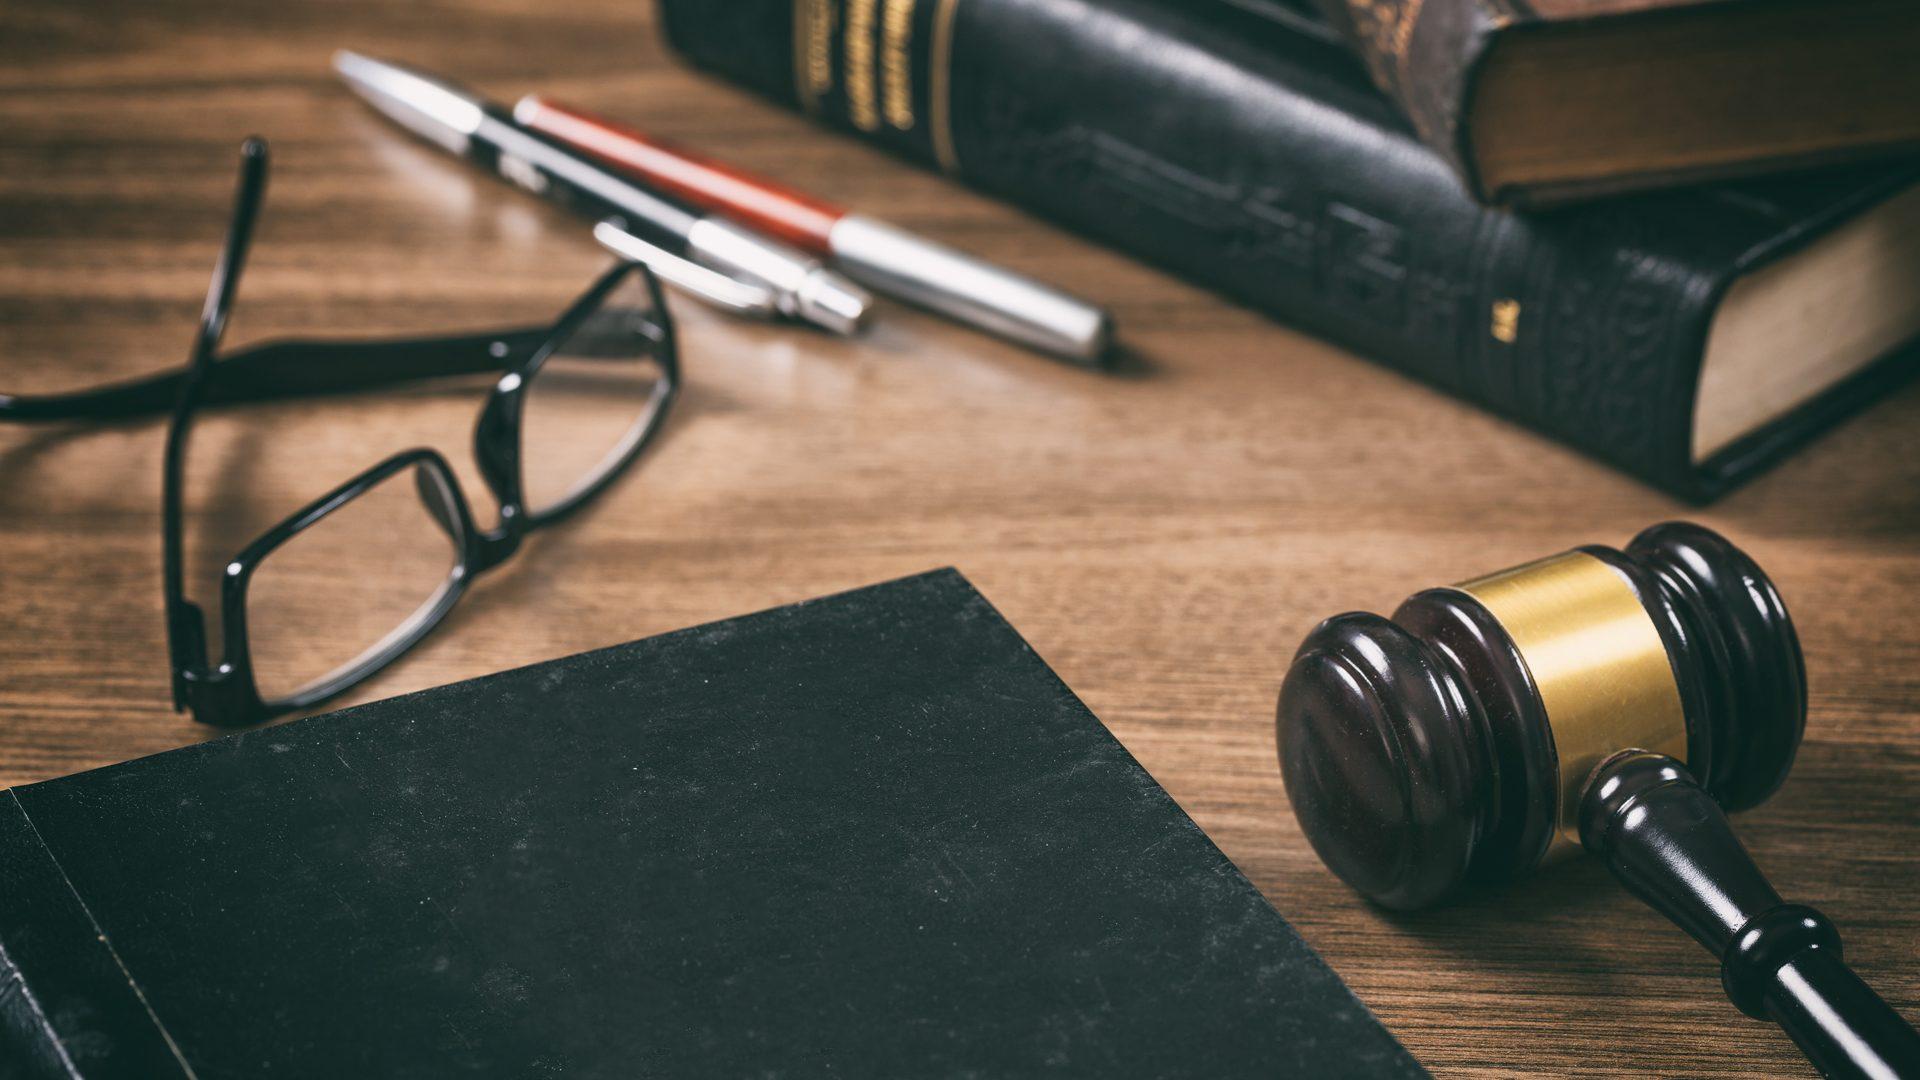 Визнано неконституційним Закон «Про всеукраїнський референдум» – LexInform  – Правові новини, юридична практика, коментарі